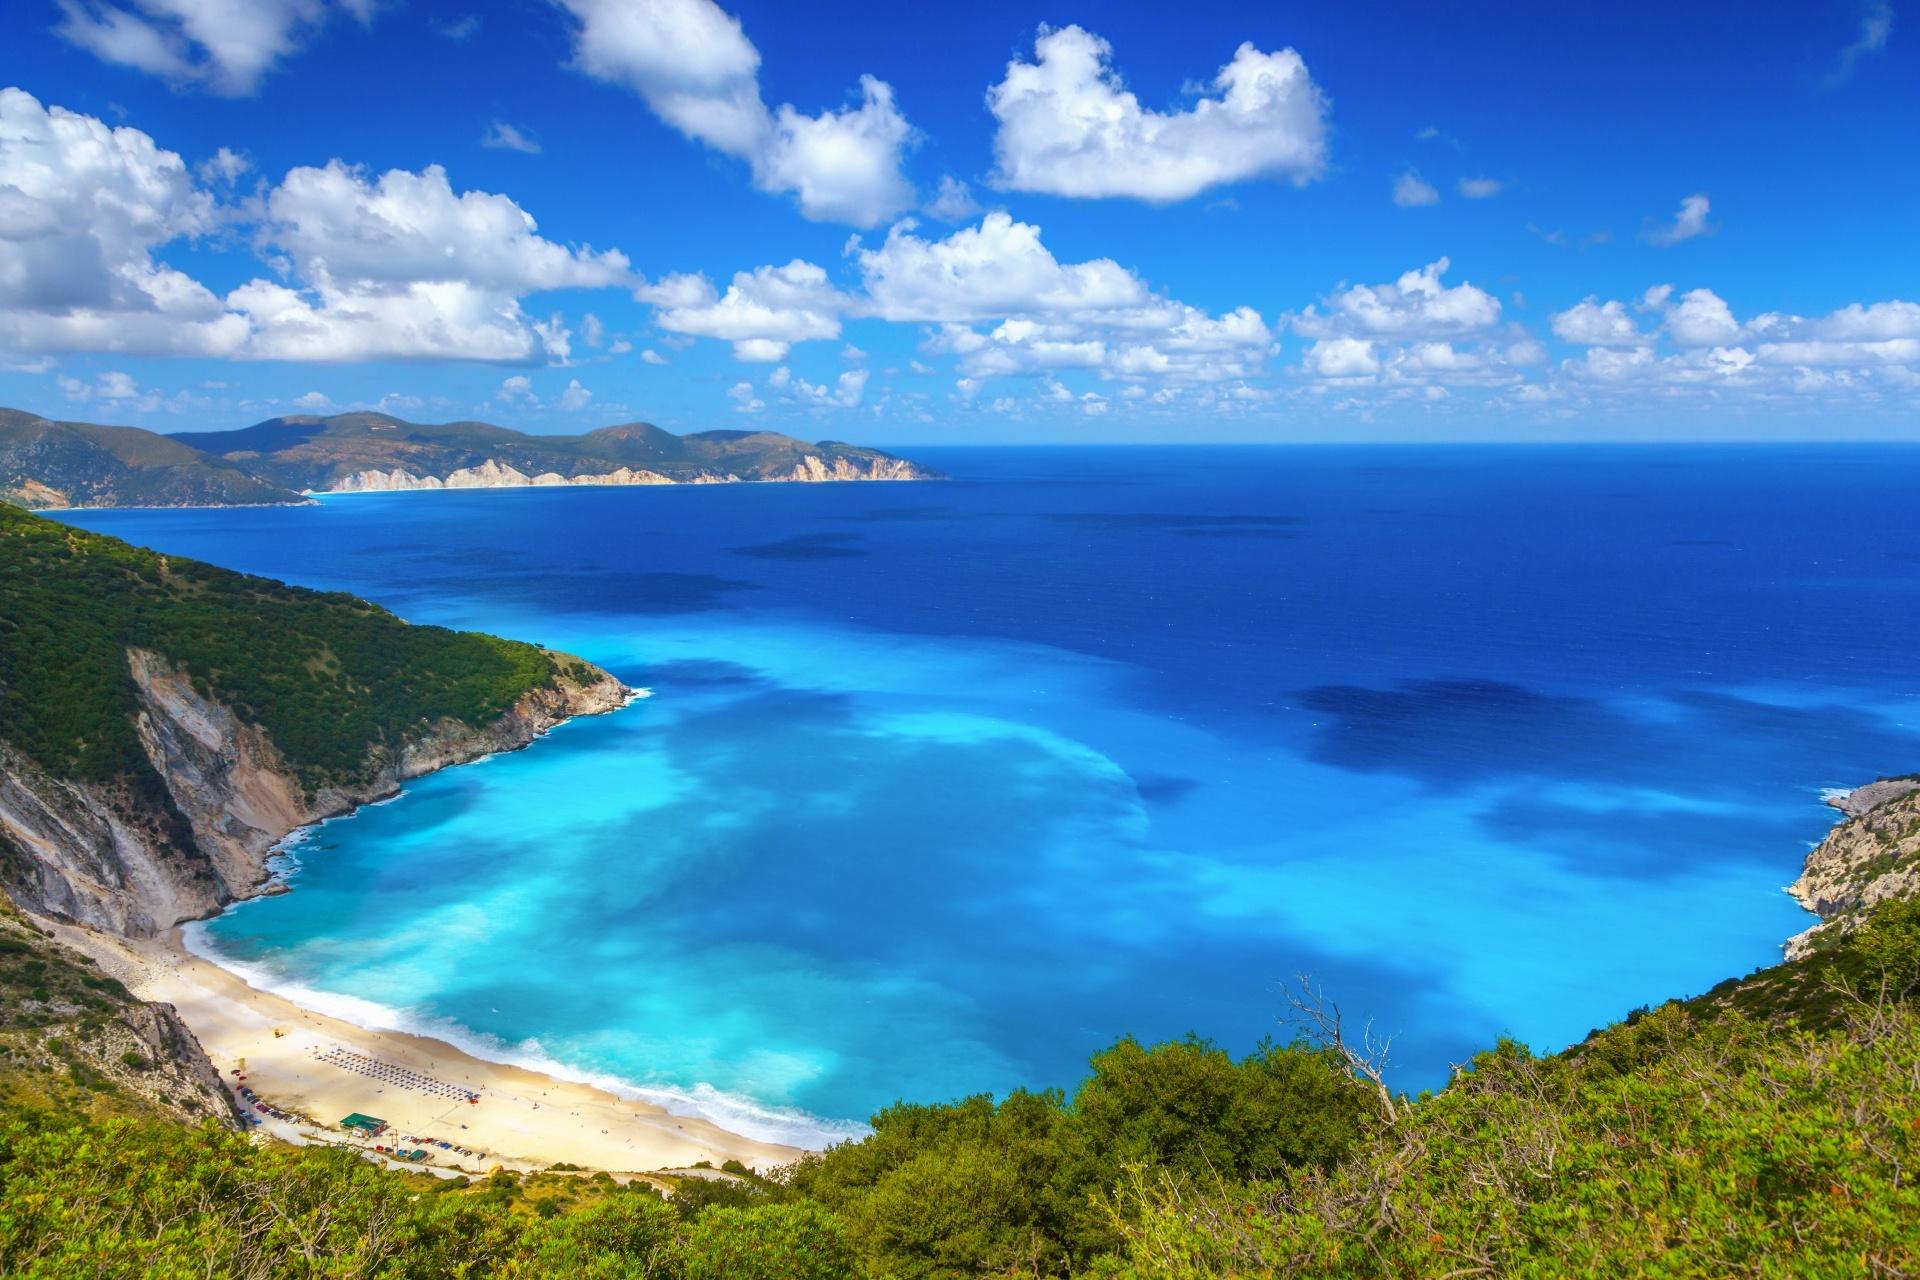 ケファロニア島 ミルトス ビーチの風景 ギリシャの風景